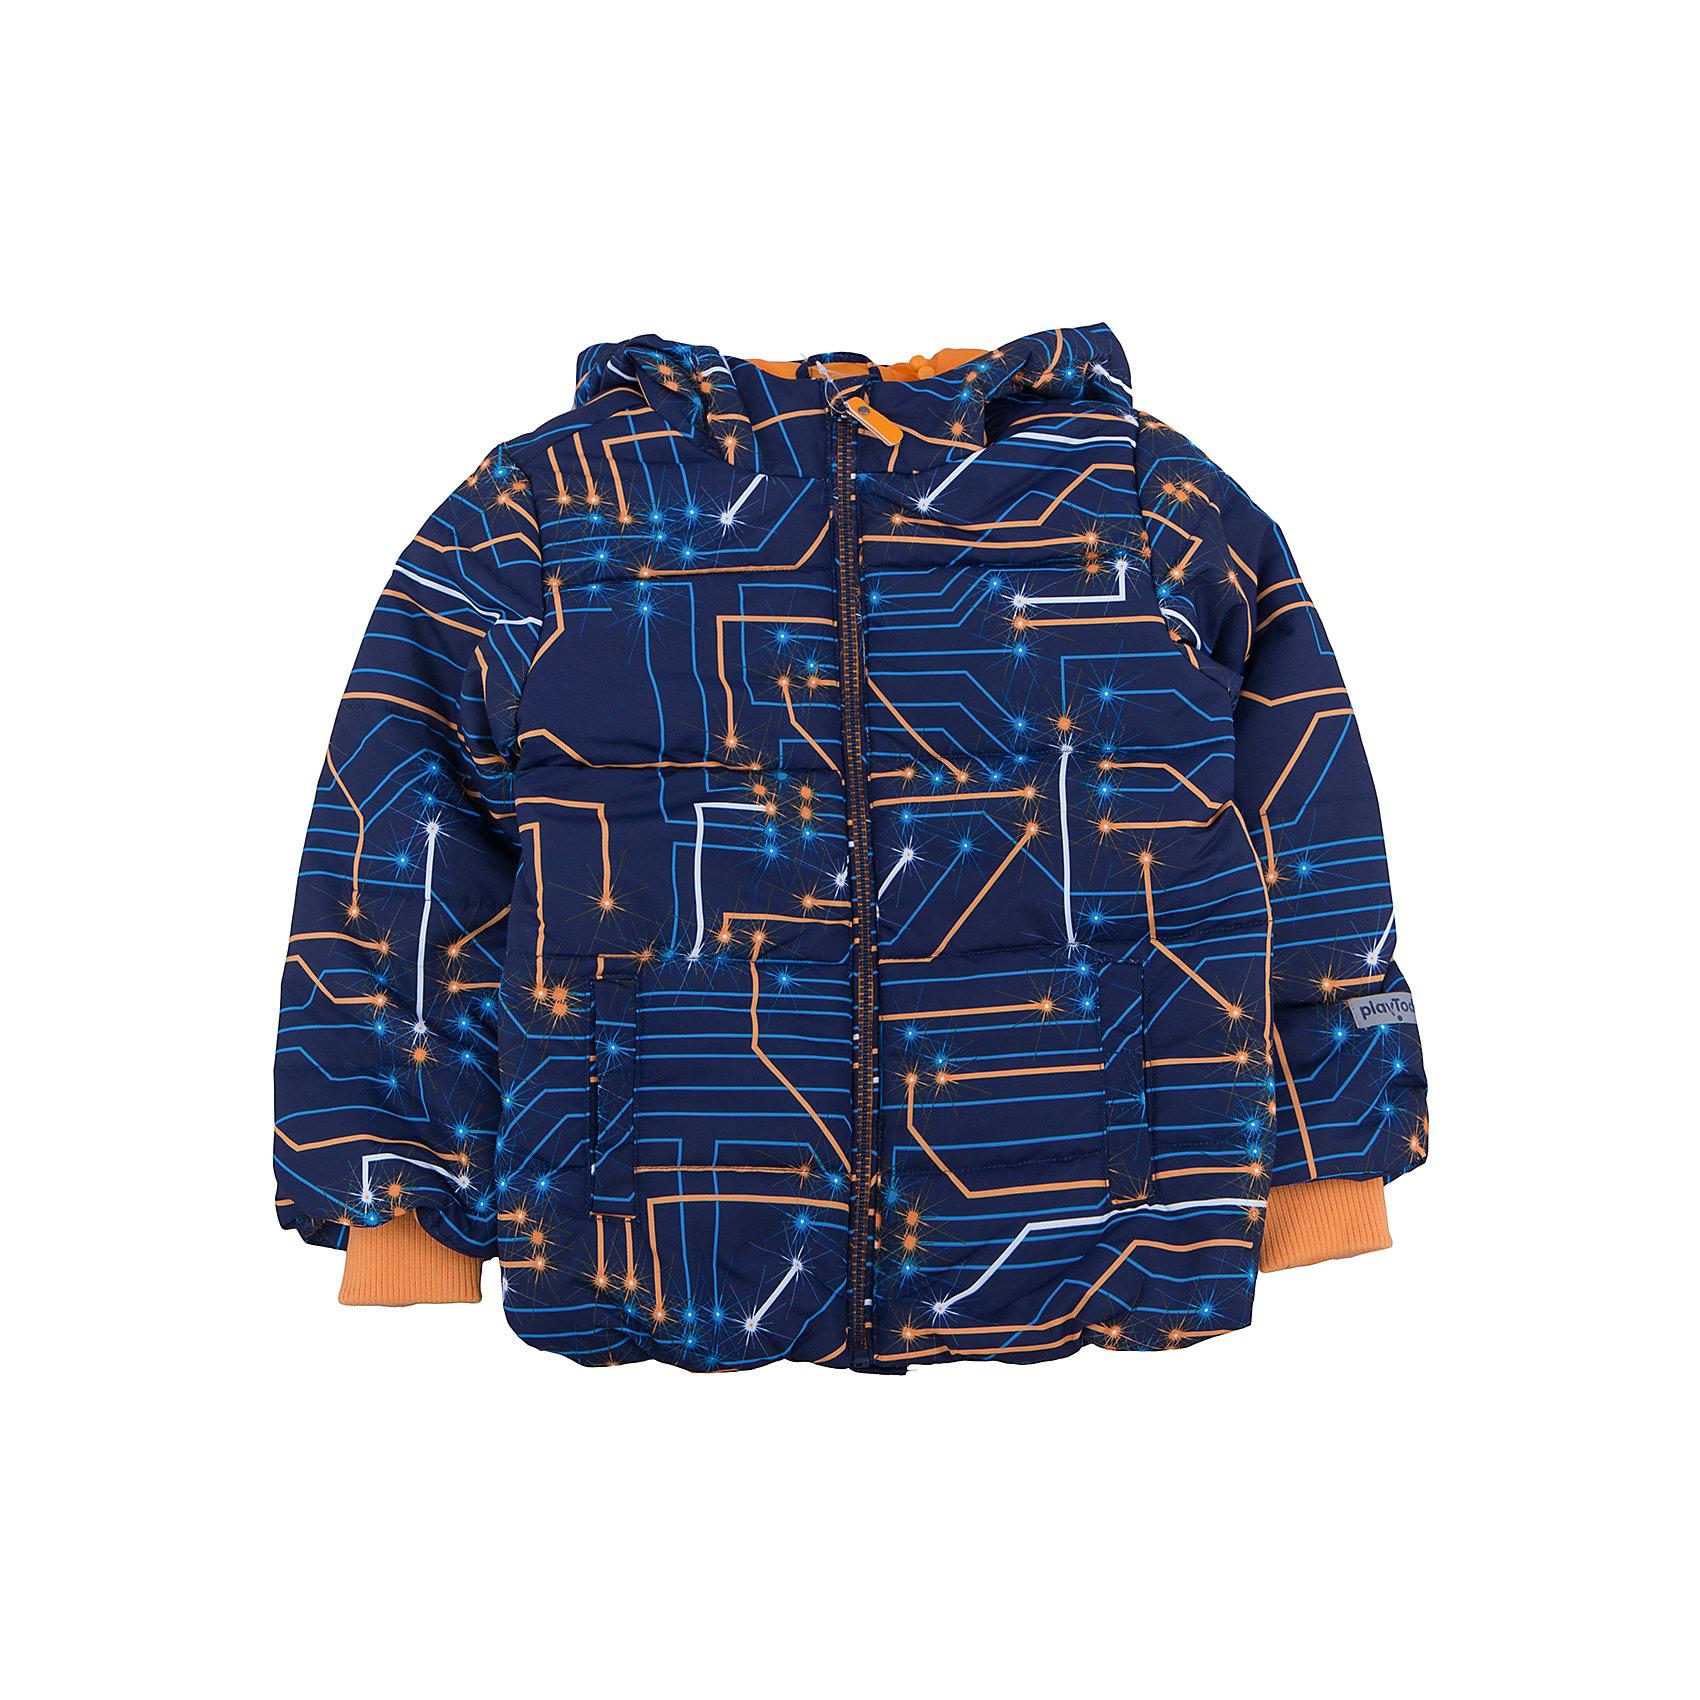 Куртка для мальчика PlayTodayКуртка для мальчика от известного бренда PlayToday.<br>Уютная хлопковая футболка с длинными рукавами. Украшена комбинацией резинового и водного принтов. На воротнике мягкая трикотажная резинка.<br>Состав:<br>Верх: 100% полиэстер, Подкладка: 100% полиэстер, Наполнитель: 100% полиэстер, 250 г/м2<br><br>Ширина мм: 356<br>Глубина мм: 10<br>Высота мм: 245<br>Вес г: 519<br>Цвет: разноцветный<br>Возраст от месяцев: 36<br>Возраст до месяцев: 48<br>Пол: Мужской<br>Возраст: Детский<br>Размер: 98,104,122,110,116,128<br>SKU: 4896717